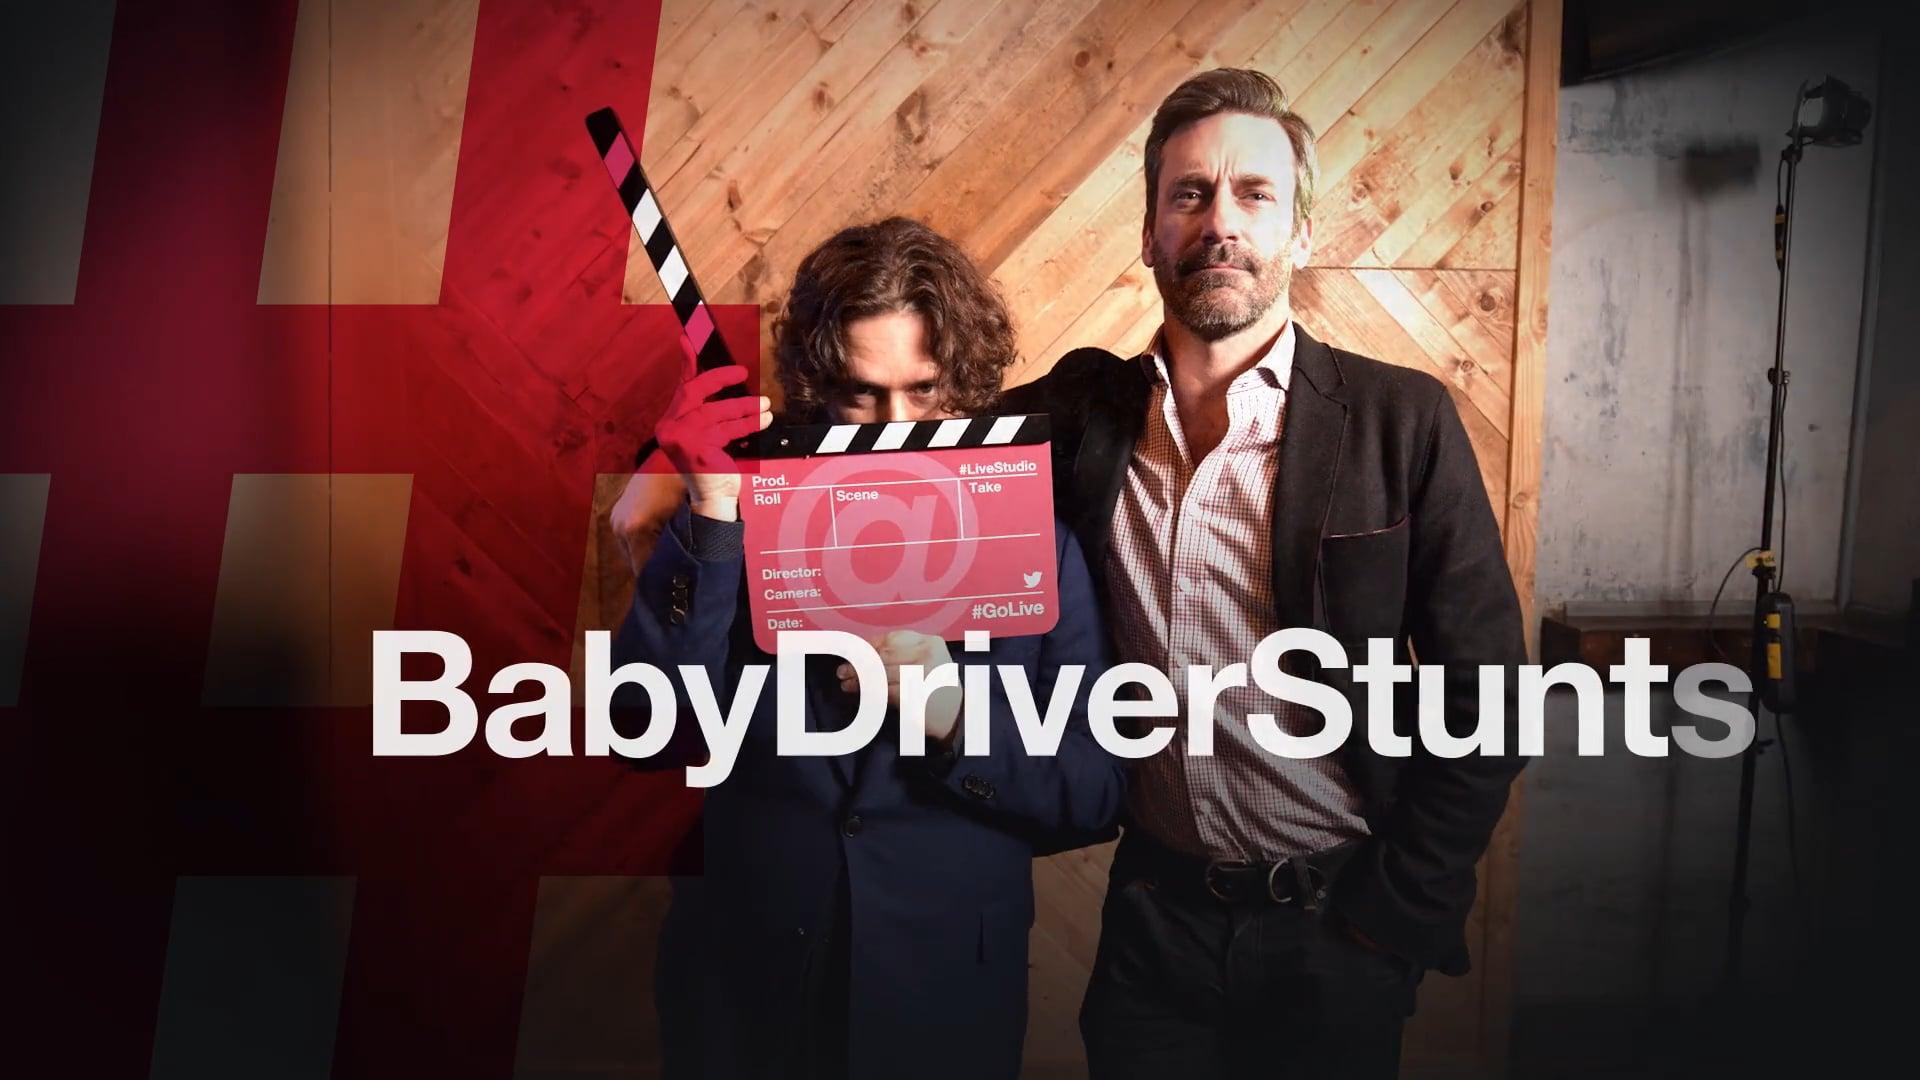 SXSW: Baby Driver Stunts